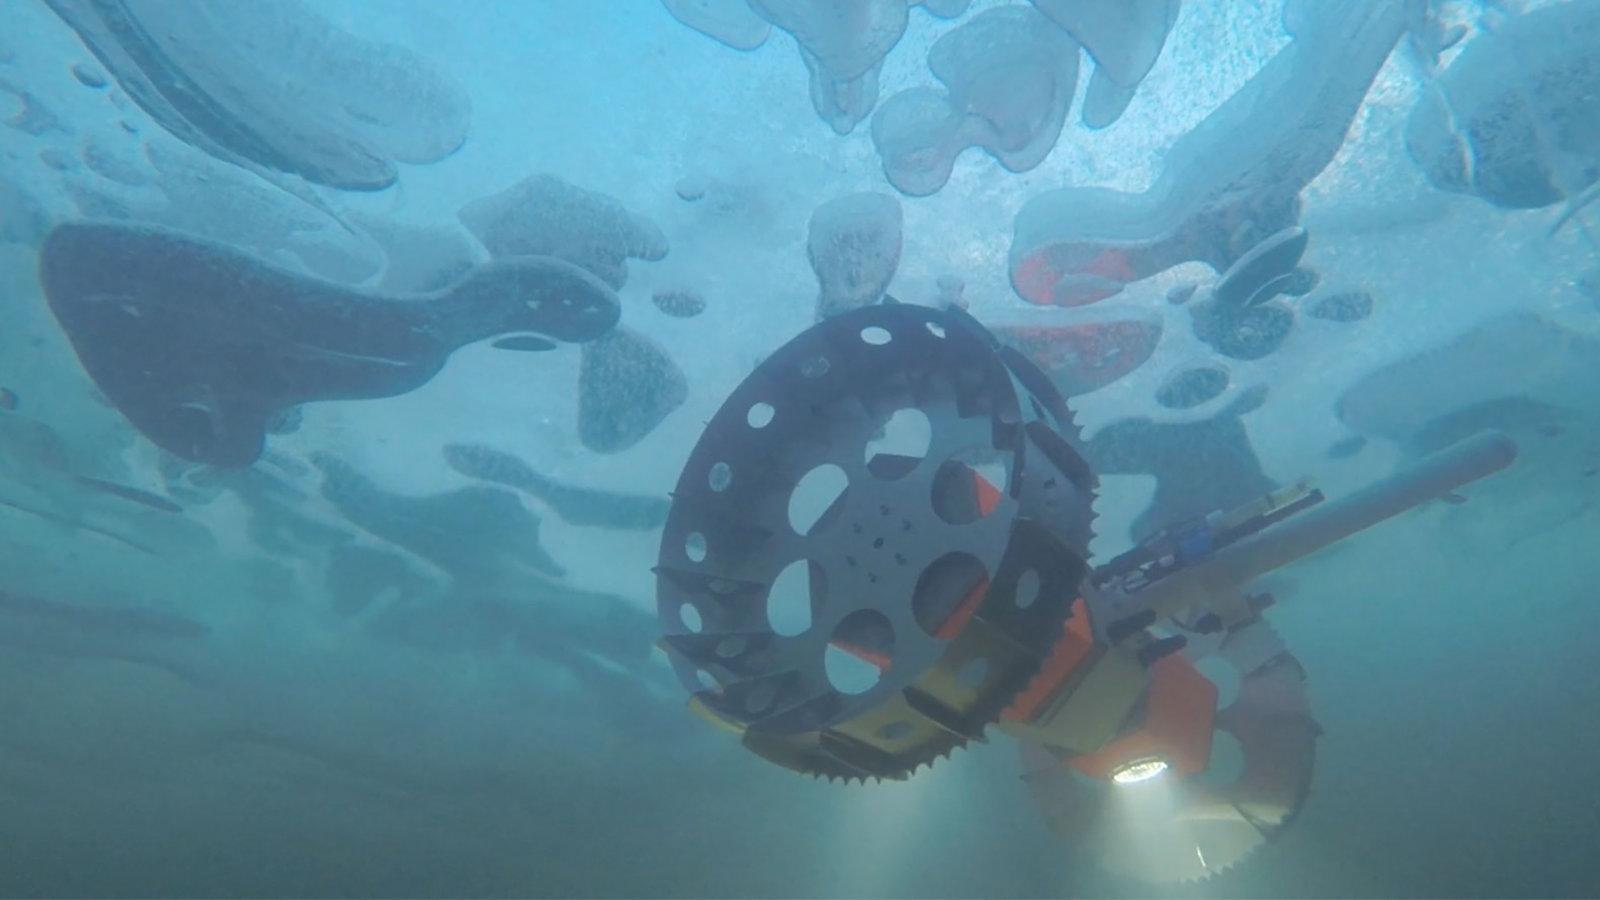 [Перевод] Путь робота к ледяному спутнику другой планеты начинается в глубинах Антарктики